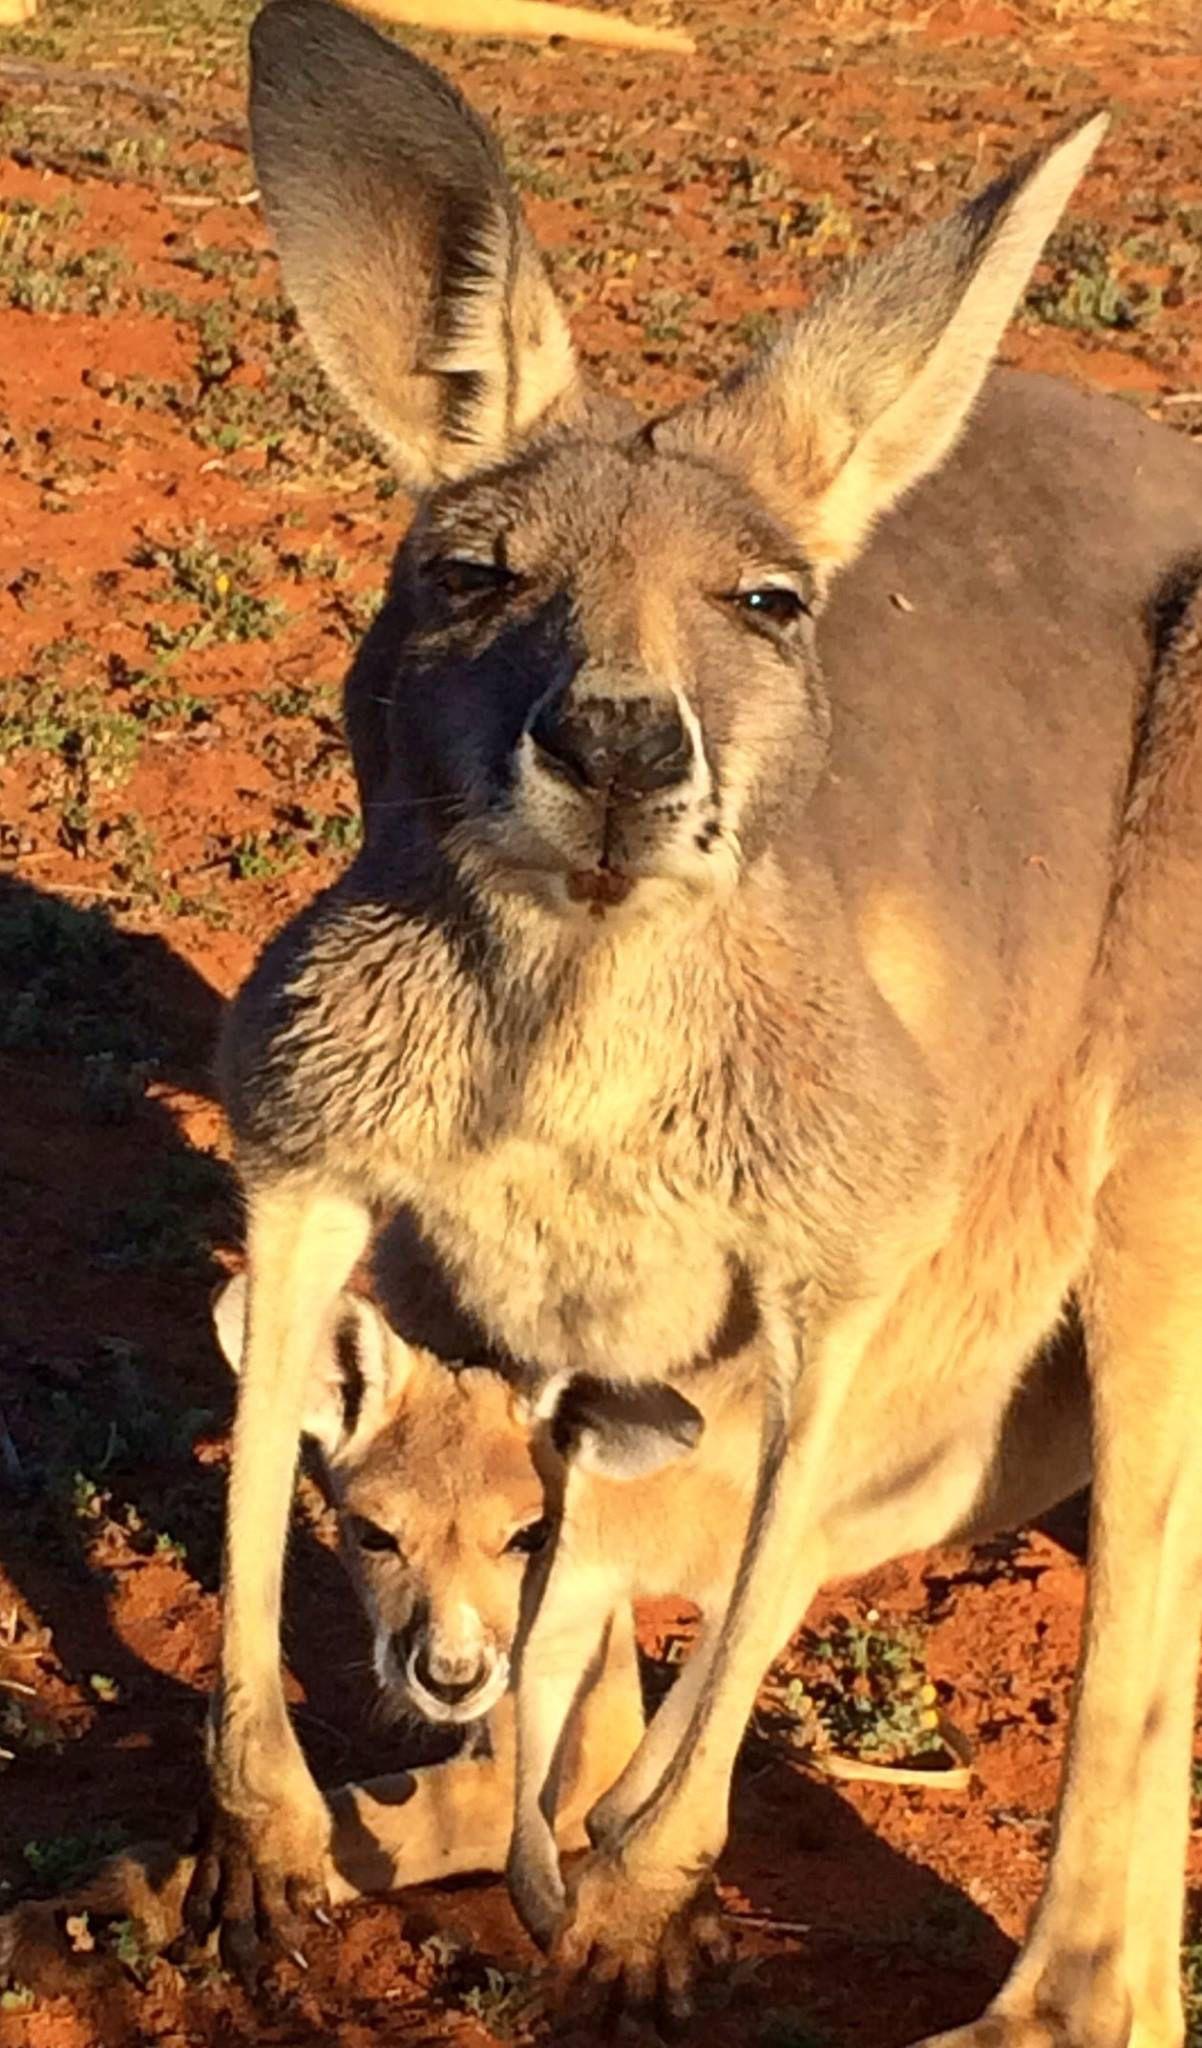 Australian native animals by Elizabeth Olah Stojanovski on